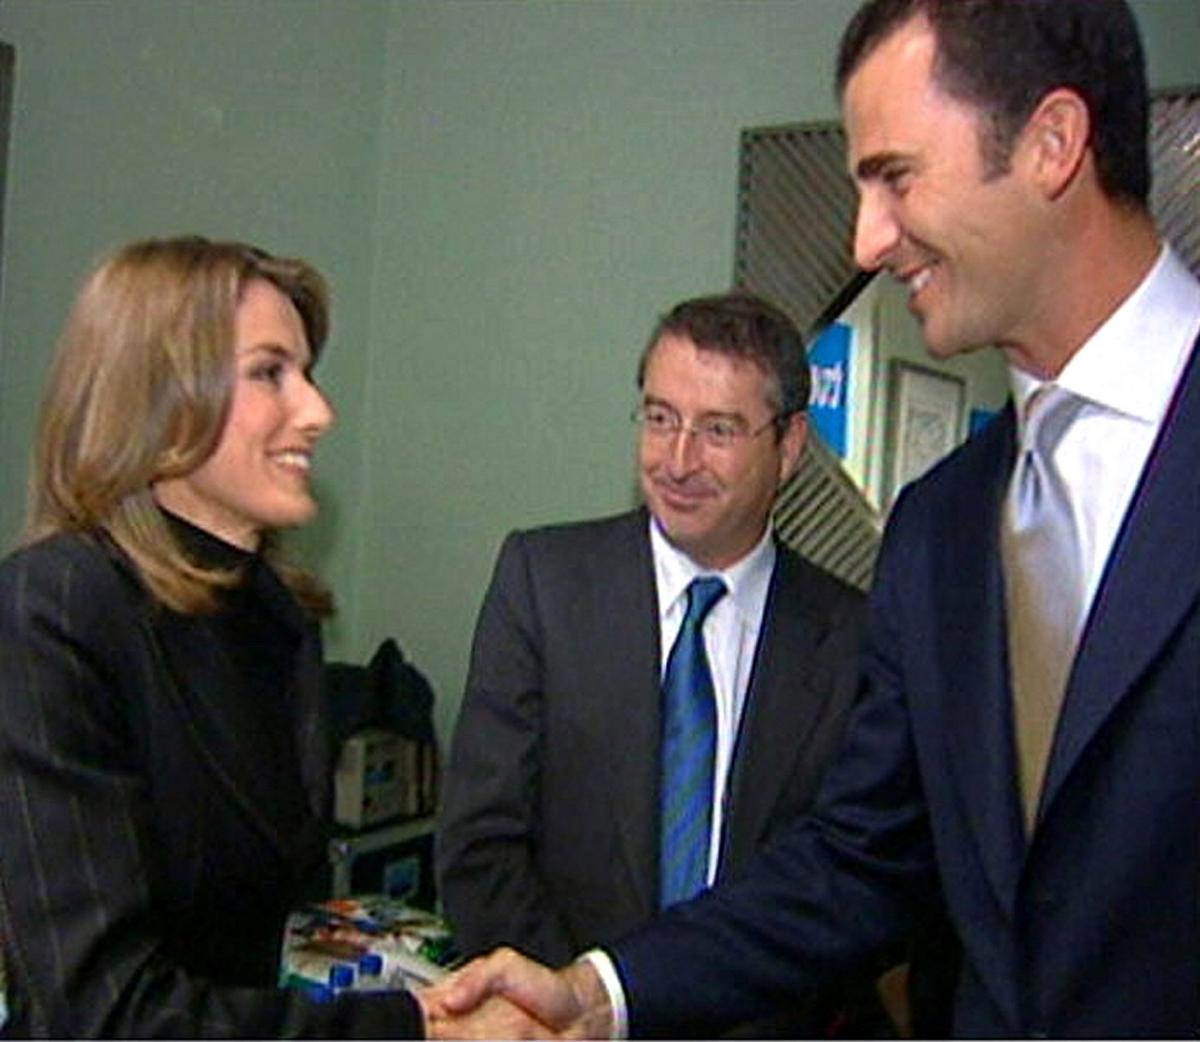 2002年10月、知り合いのジャーナリスト宅で開かれた夕食会に出席したレティシア妃は、当時皇太子だったフェリペ6世と出会う。ふたりはすぐに意気投合し、のちに交際がスタート! Photo:TVE/ロイター/アフロ